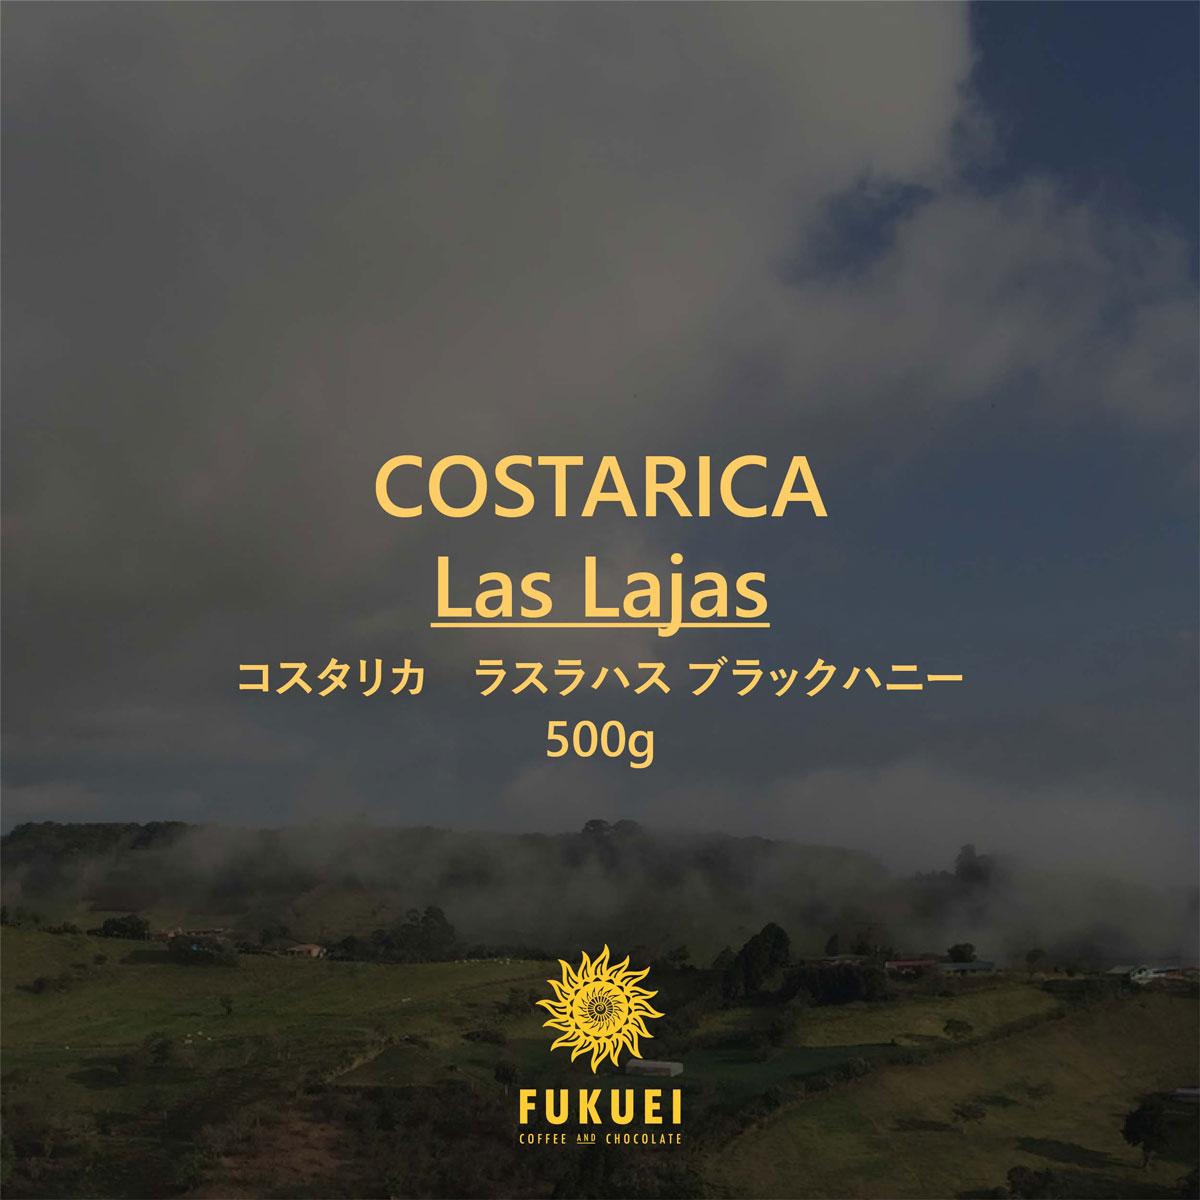 コスタリカ ラスラハス ブラックハニー